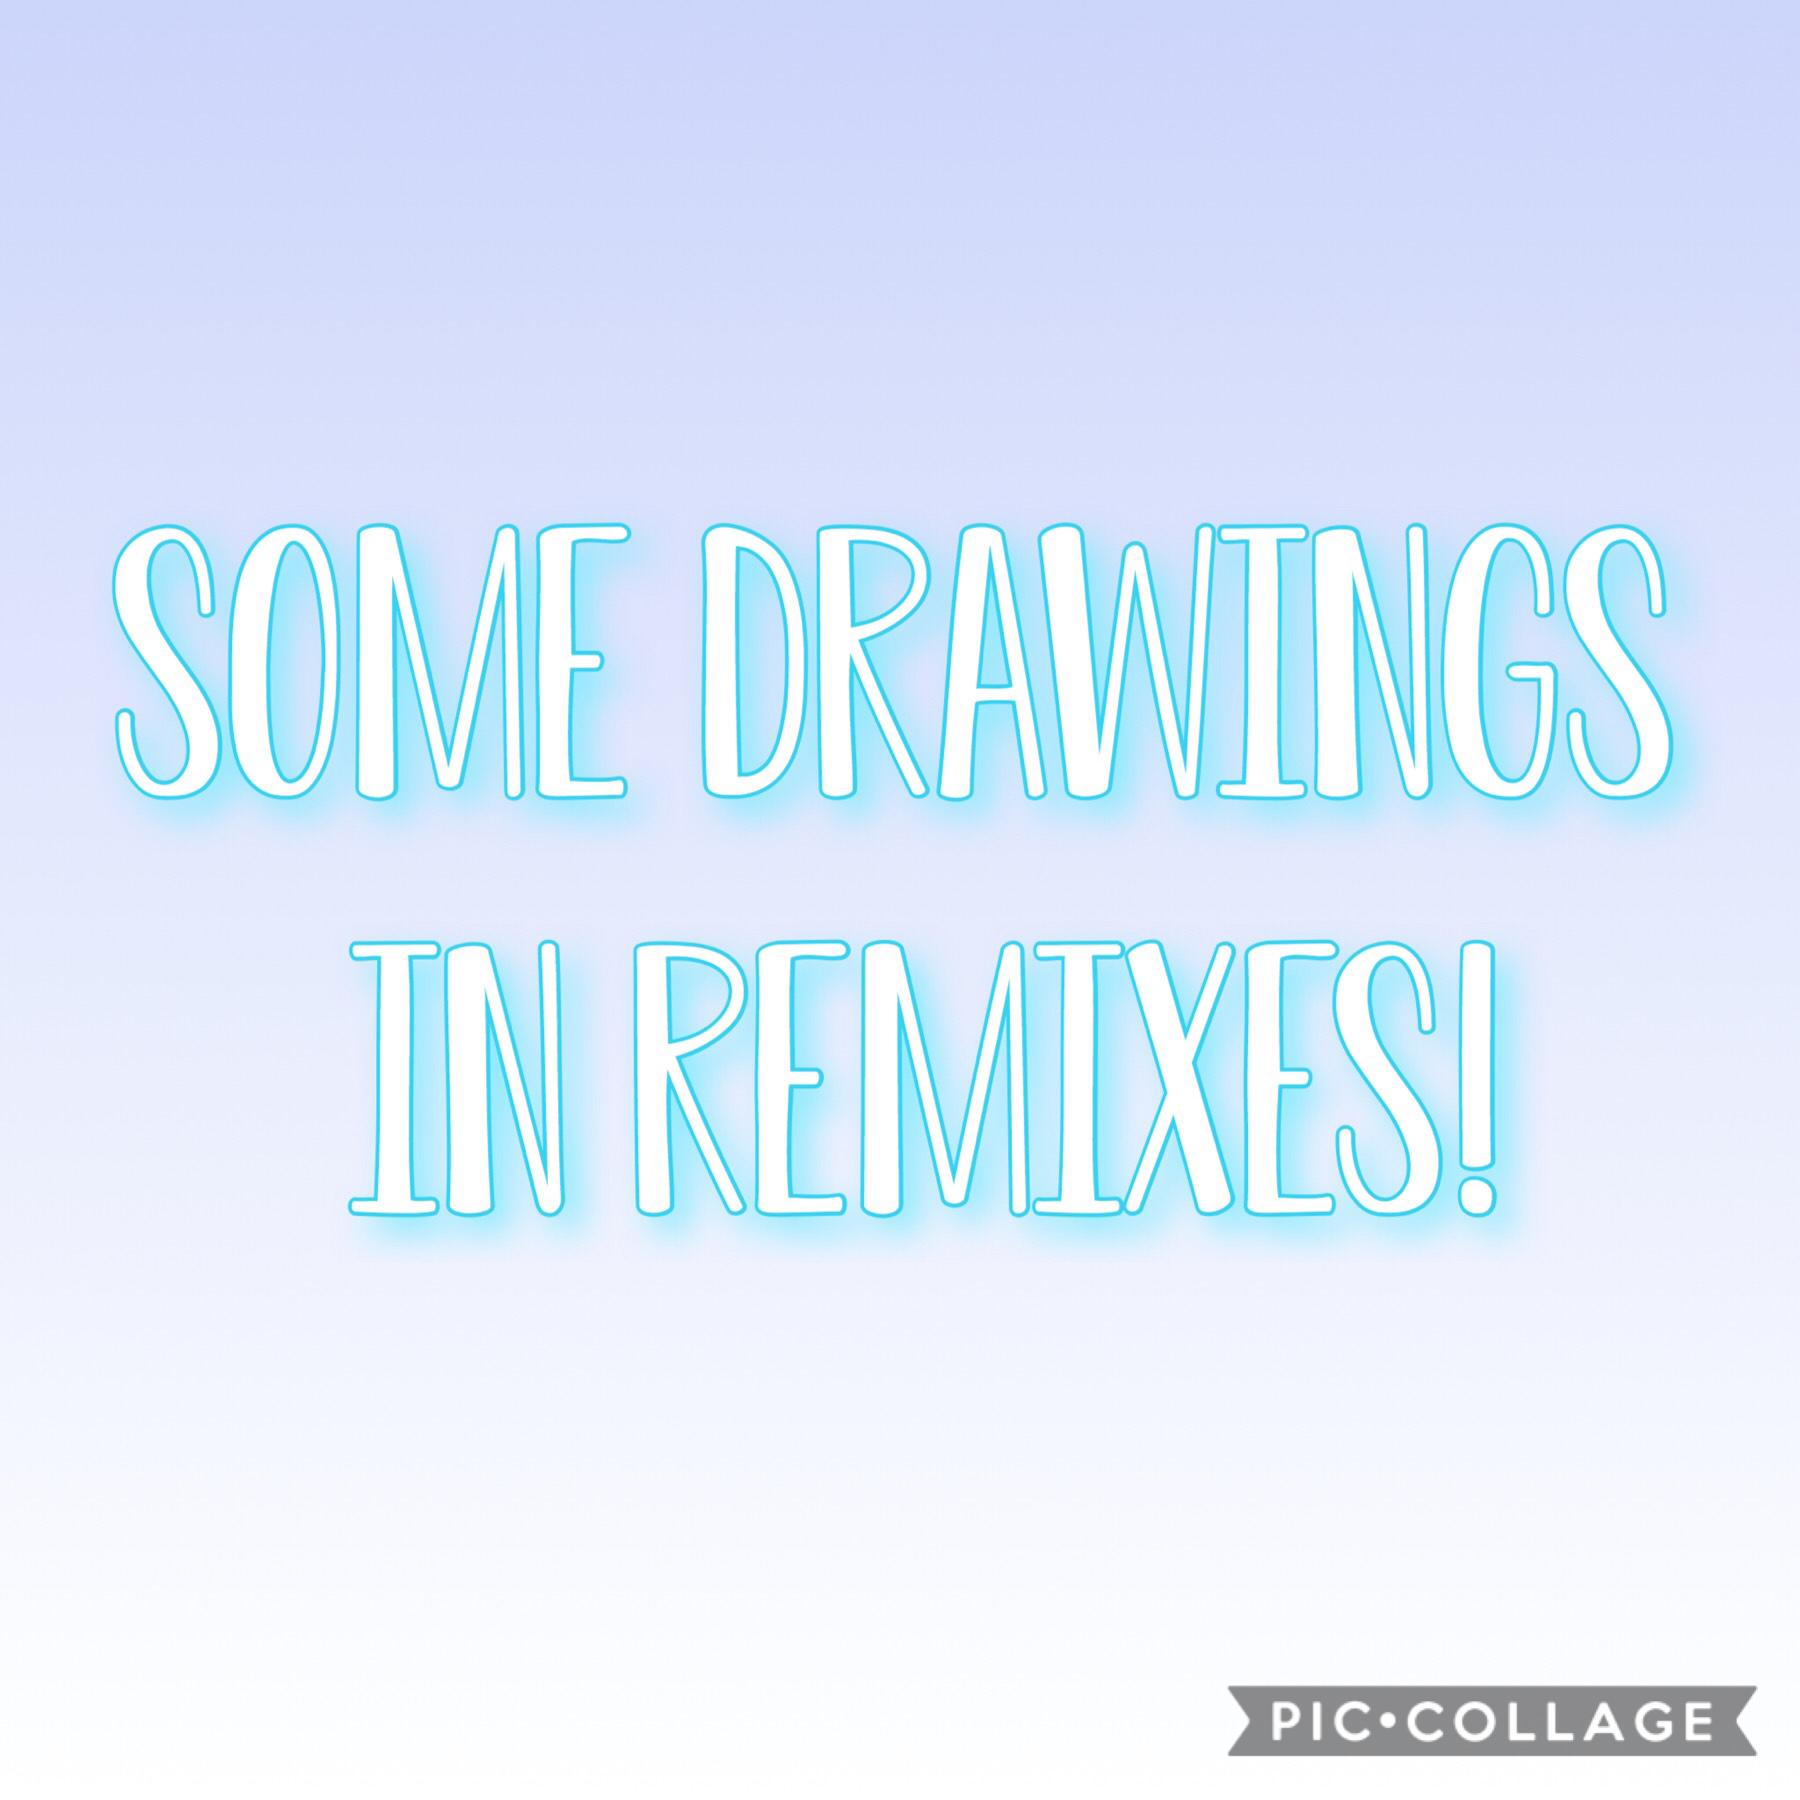 Check remixes!